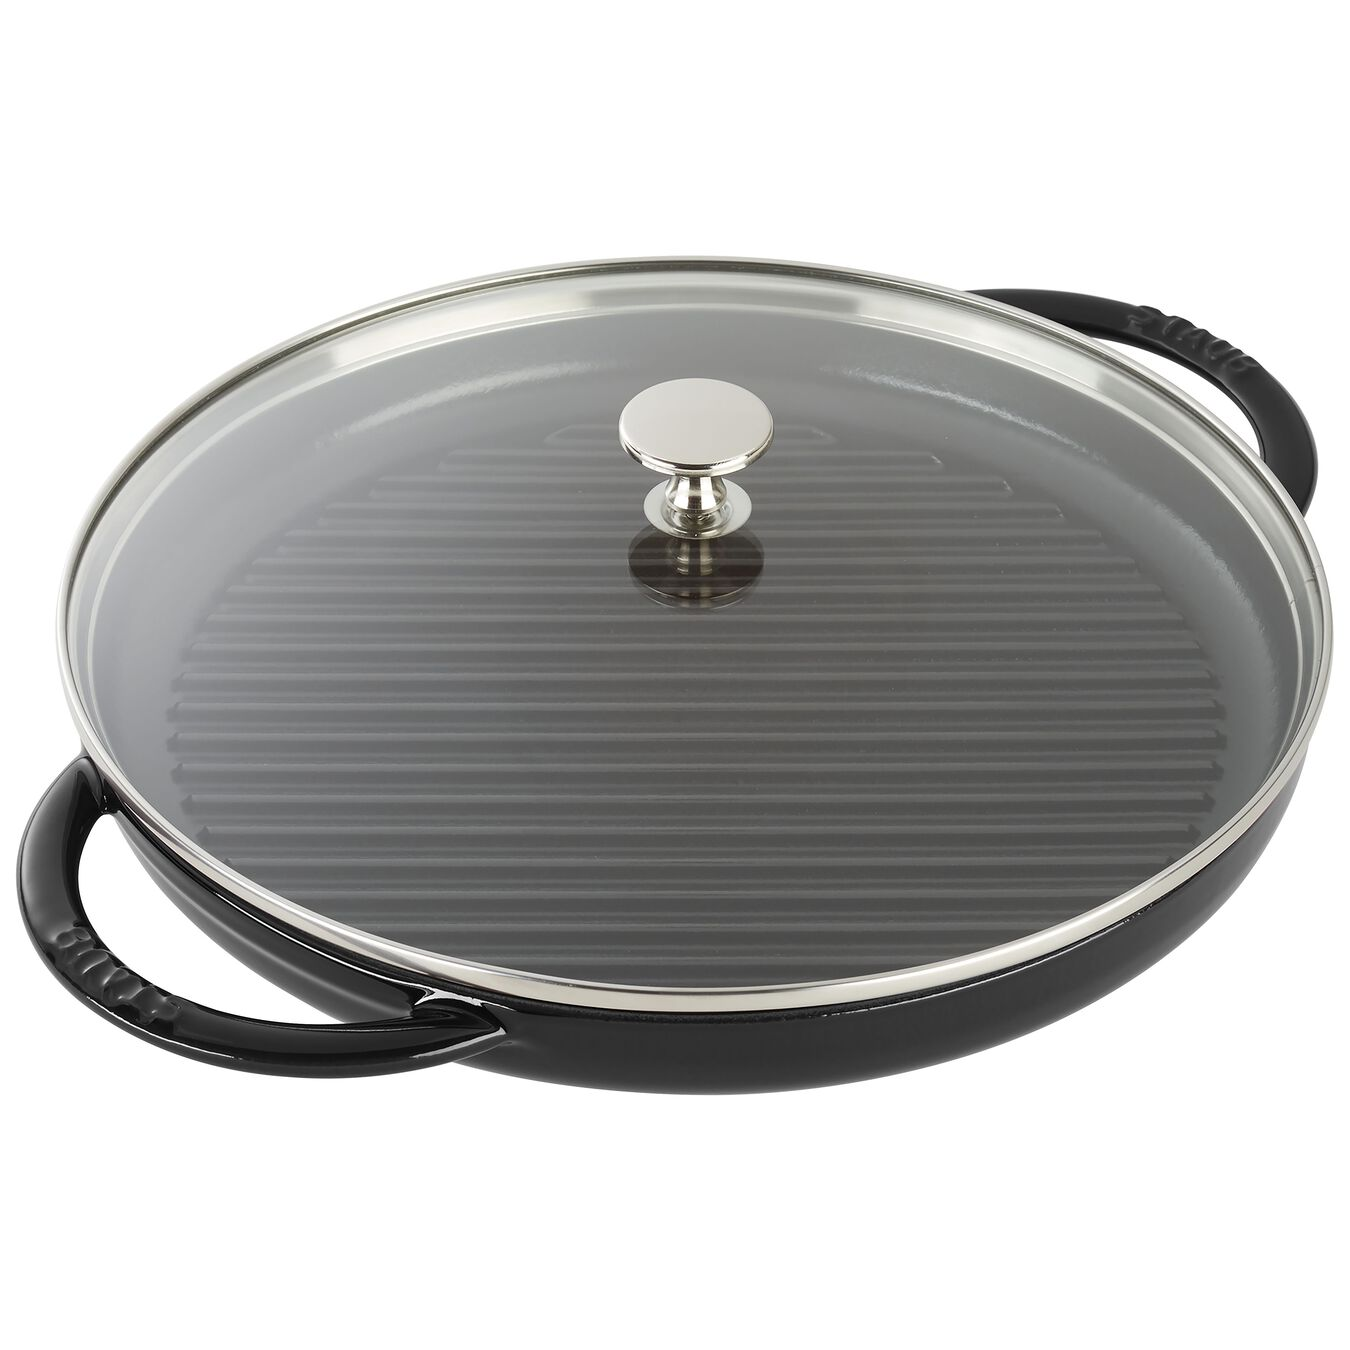 12-inch Round Steam Grill - Black Matte,,large 2